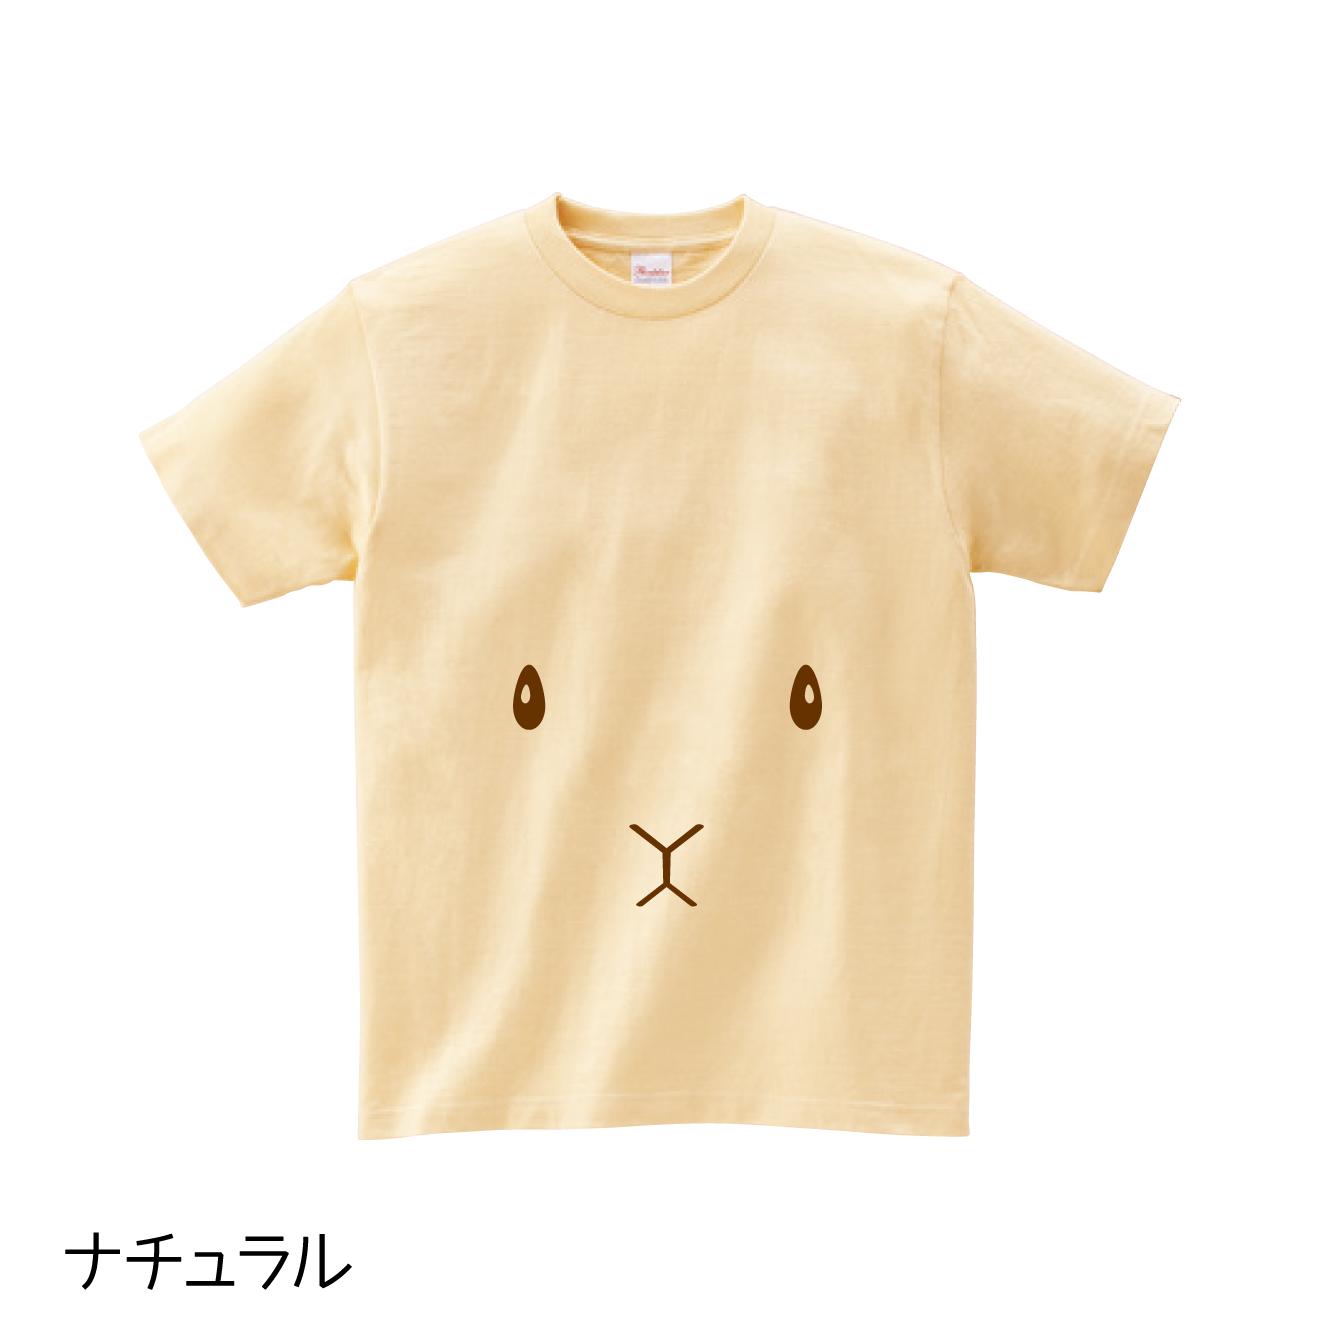 【在庫限り】うさぎフェイス Tシャツ(カラー)